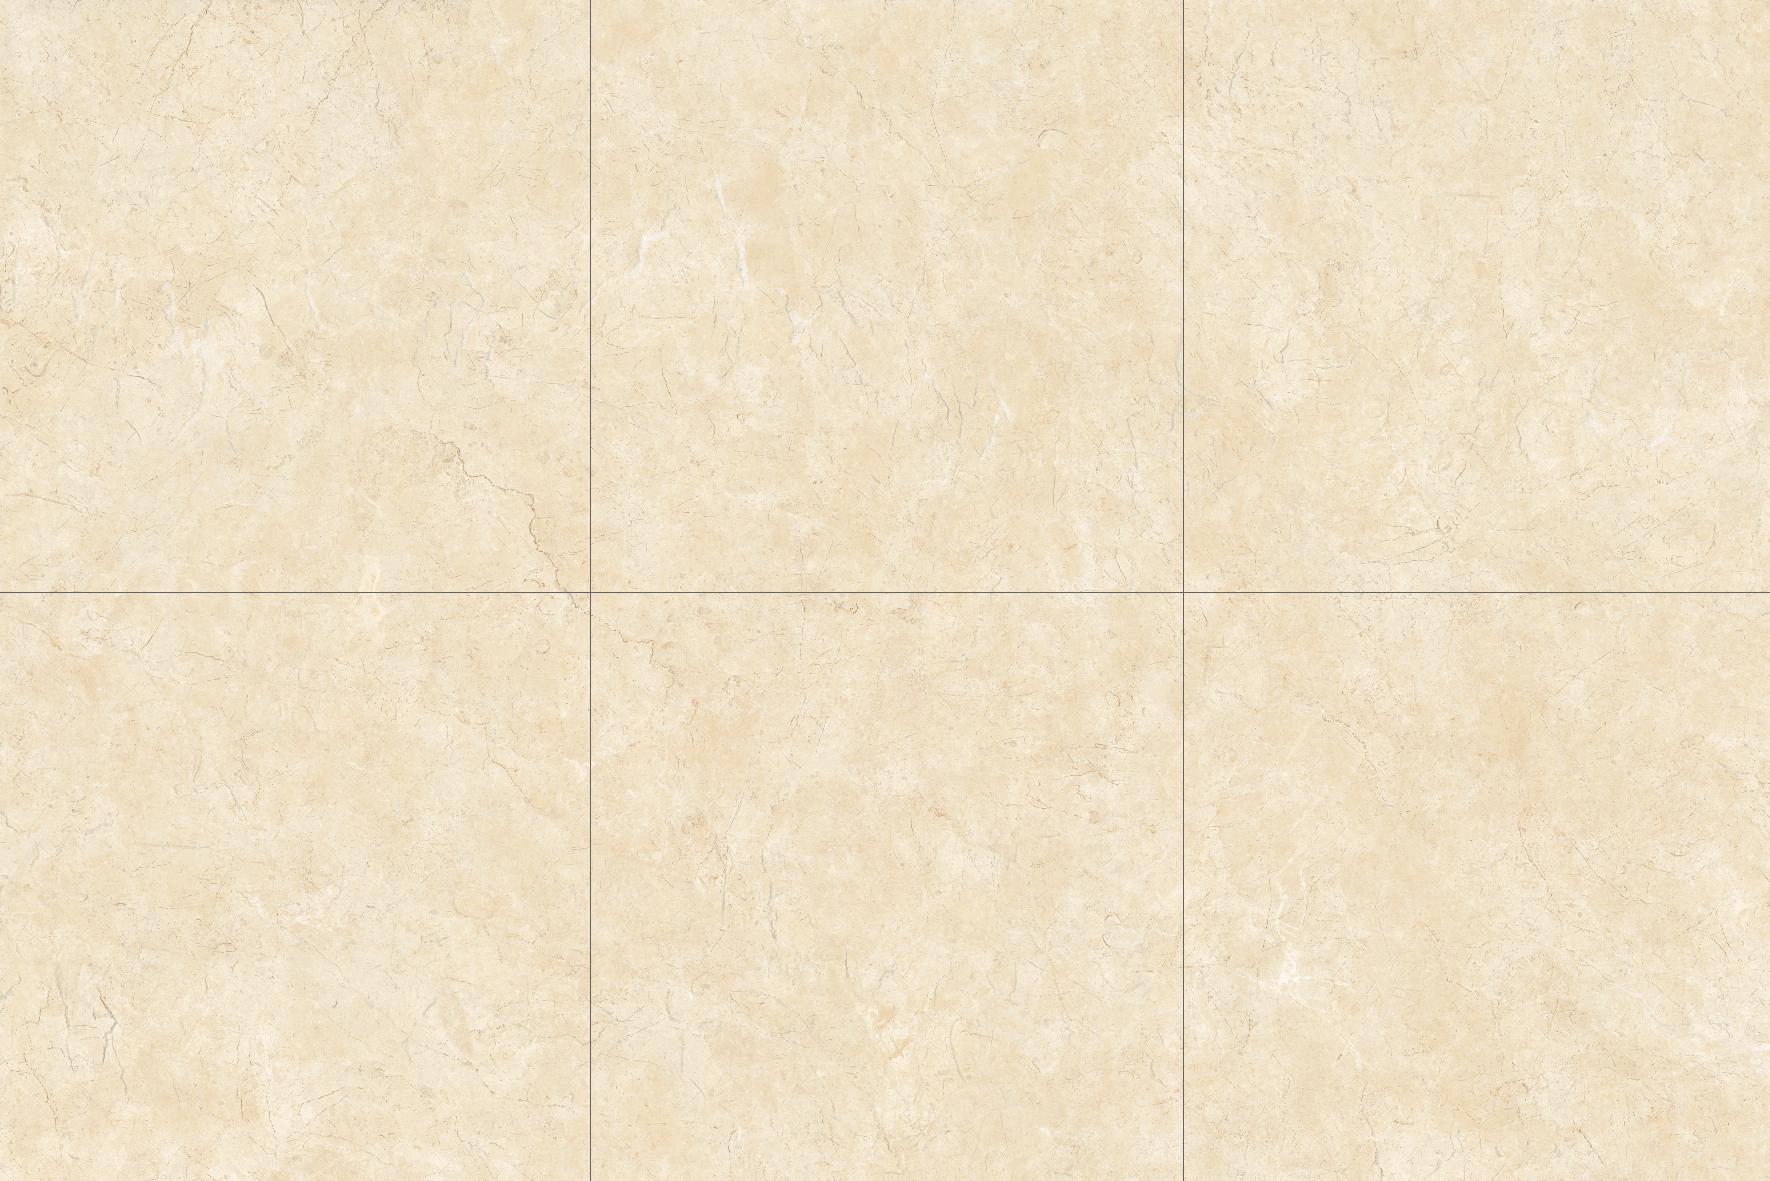 Hyatt Botticino Beige Marble Tiles